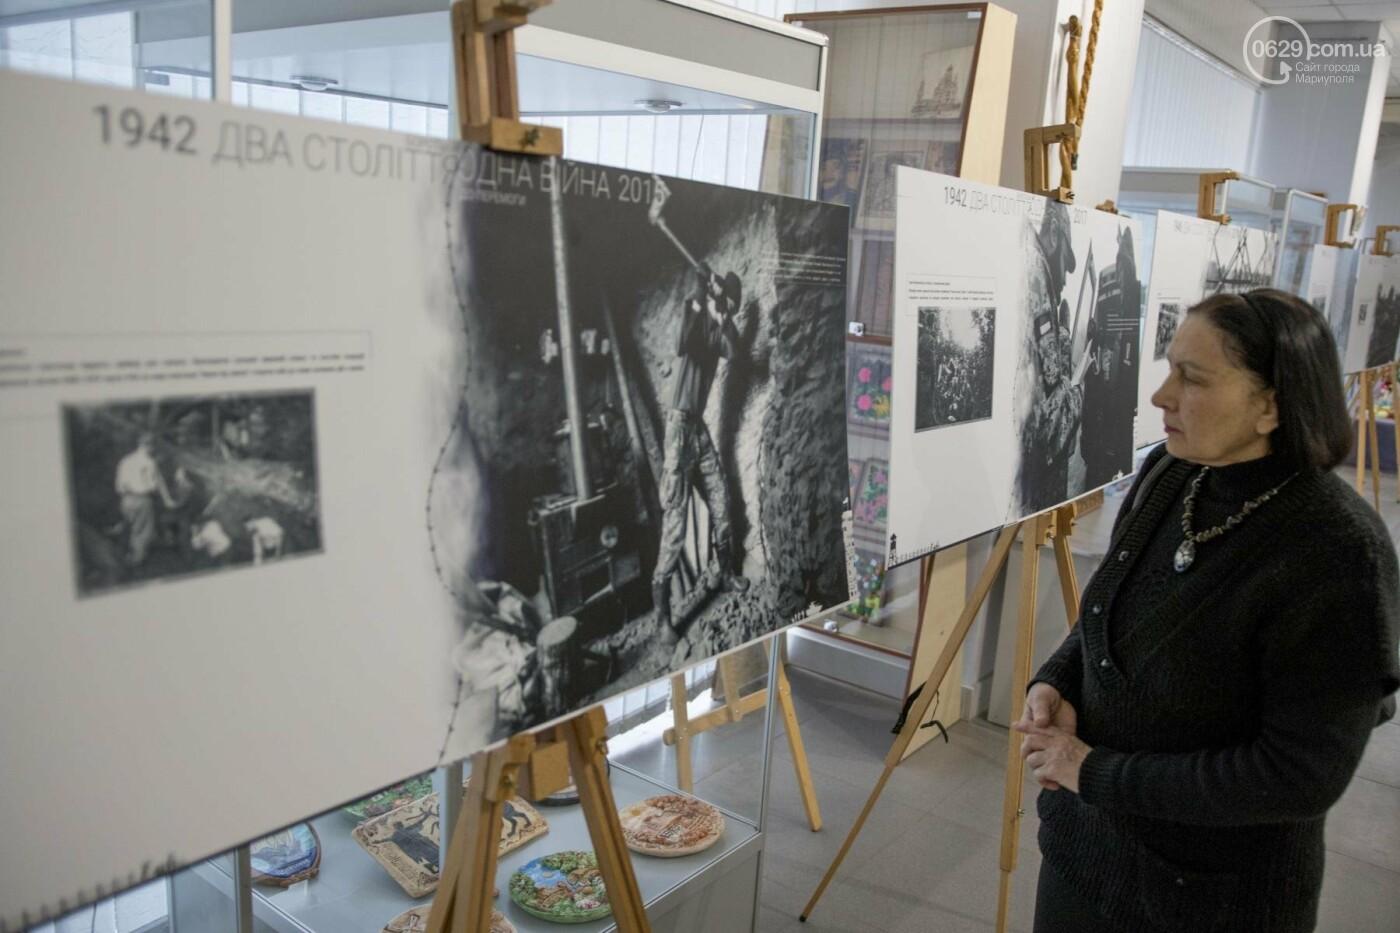 Фотовыставка «Два столетия, одна война»: в Мариуполе провели параллель между войной на Донбассе и борьбой УПА (ФОТО, ВИДЕО), фото-8